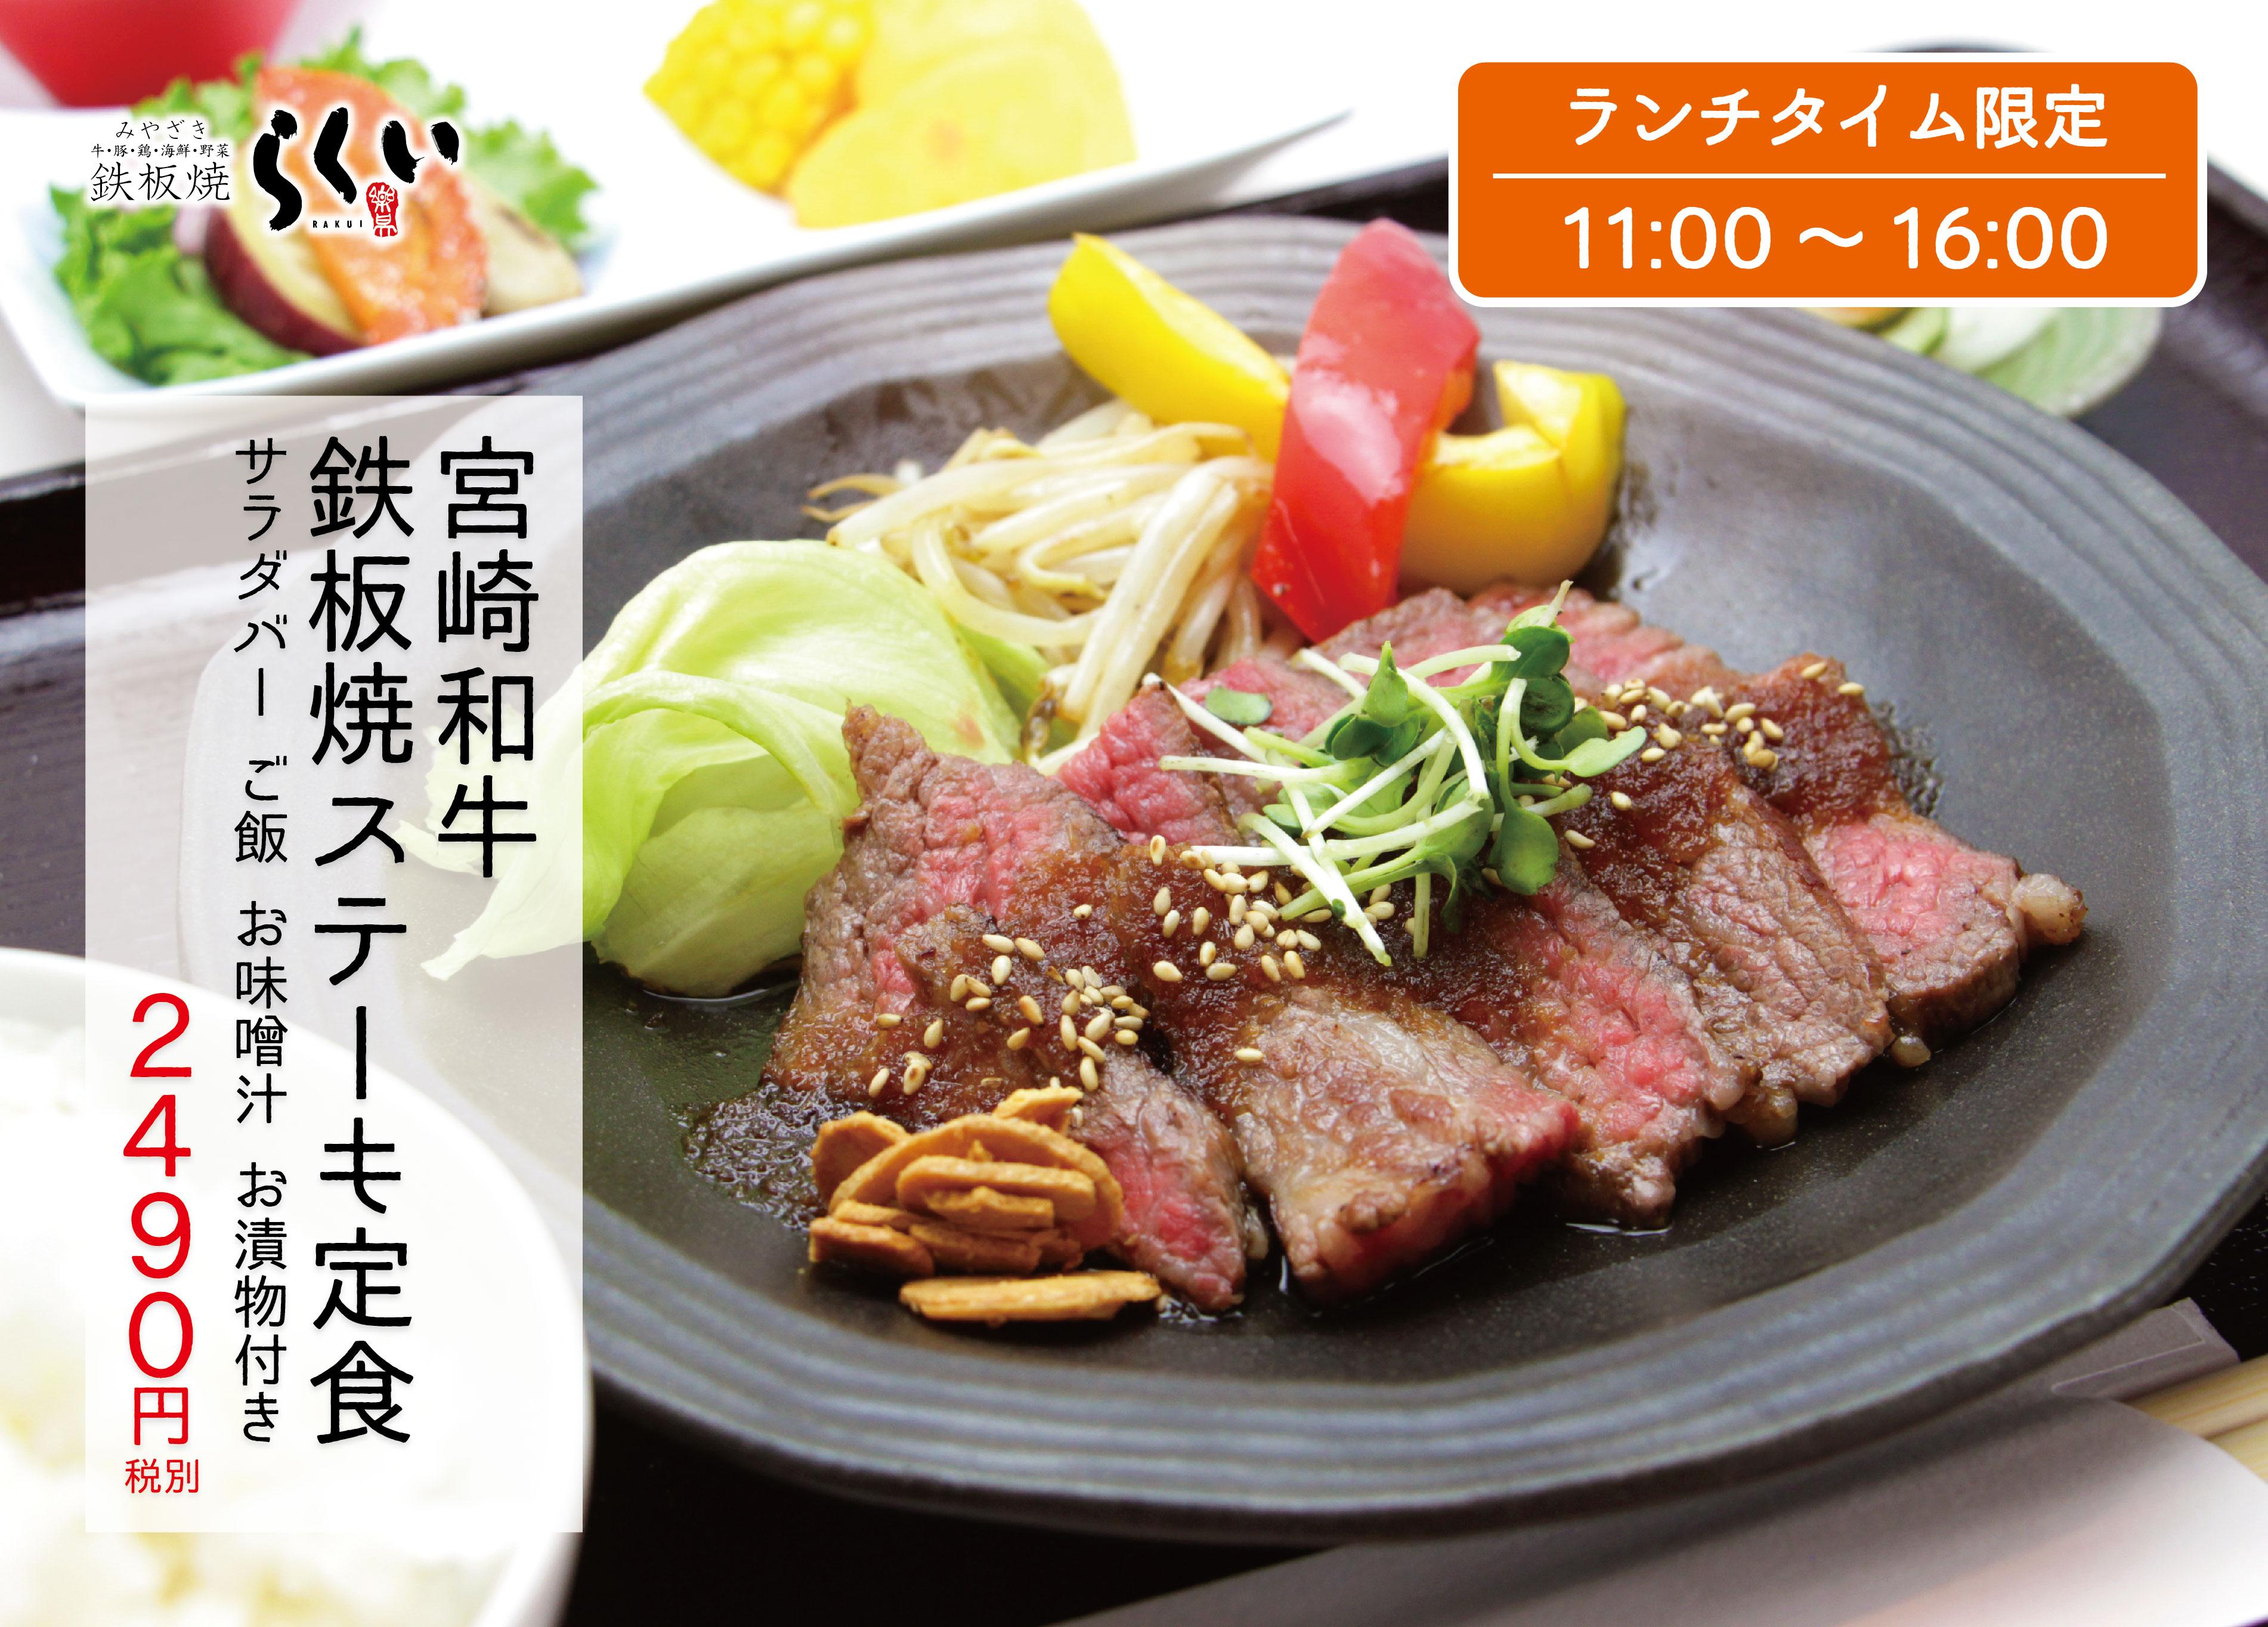 宮崎和牛鉄板焼ステーキ定食